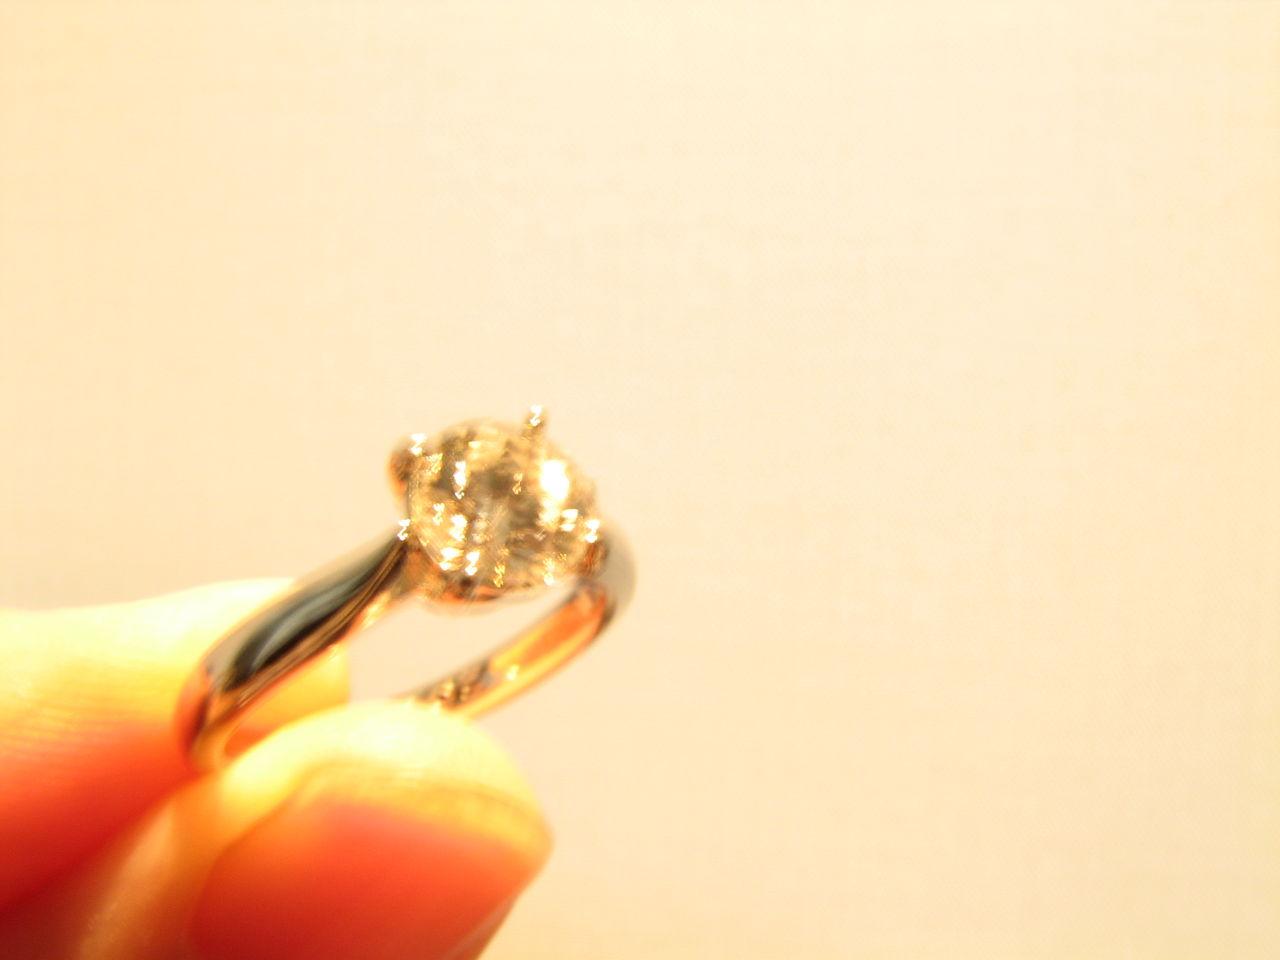 ダイヤモンドと一生癒えない傷 夫は両方くれました